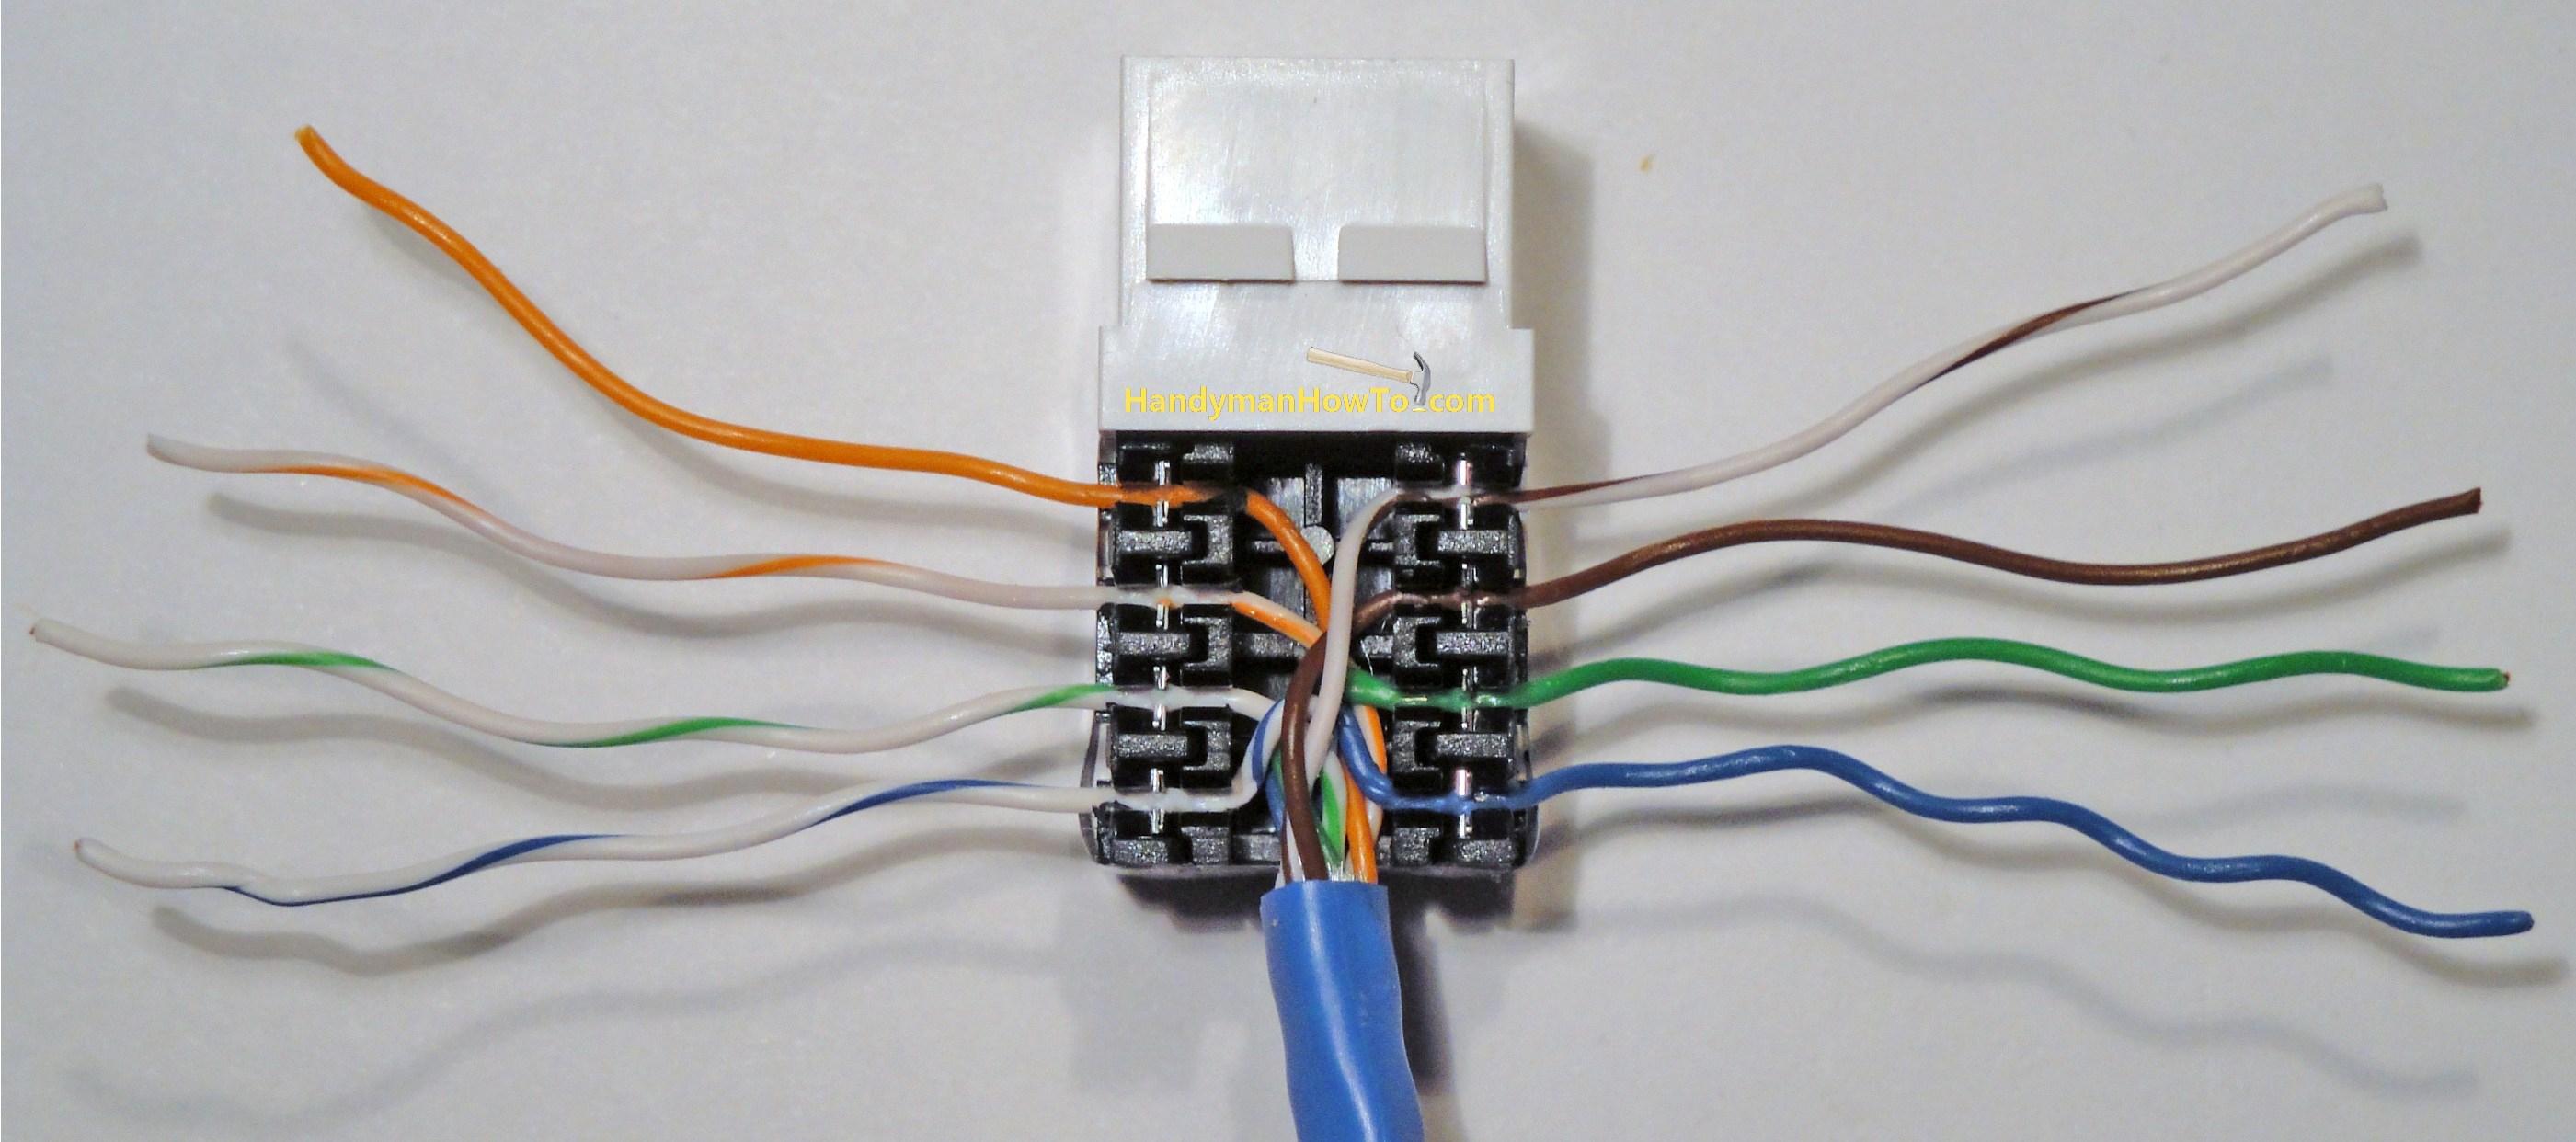 Ethernet Wall Jack Wiring - Schema Wiring Diagram - Ethernet Wall Socket Wiring Diagram